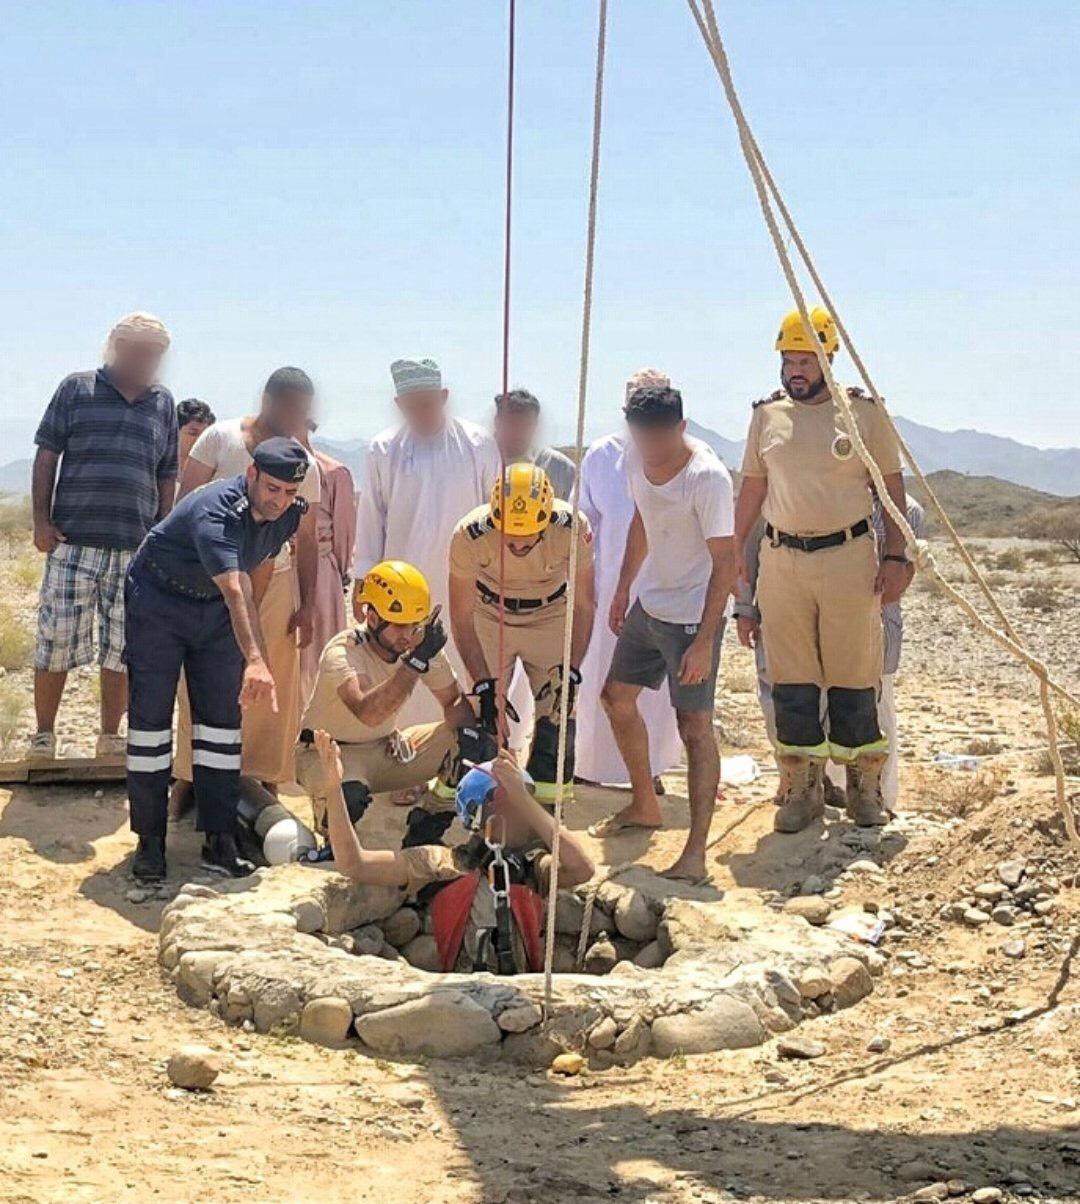 PACDA rescues Omani citizen trapped in rubble